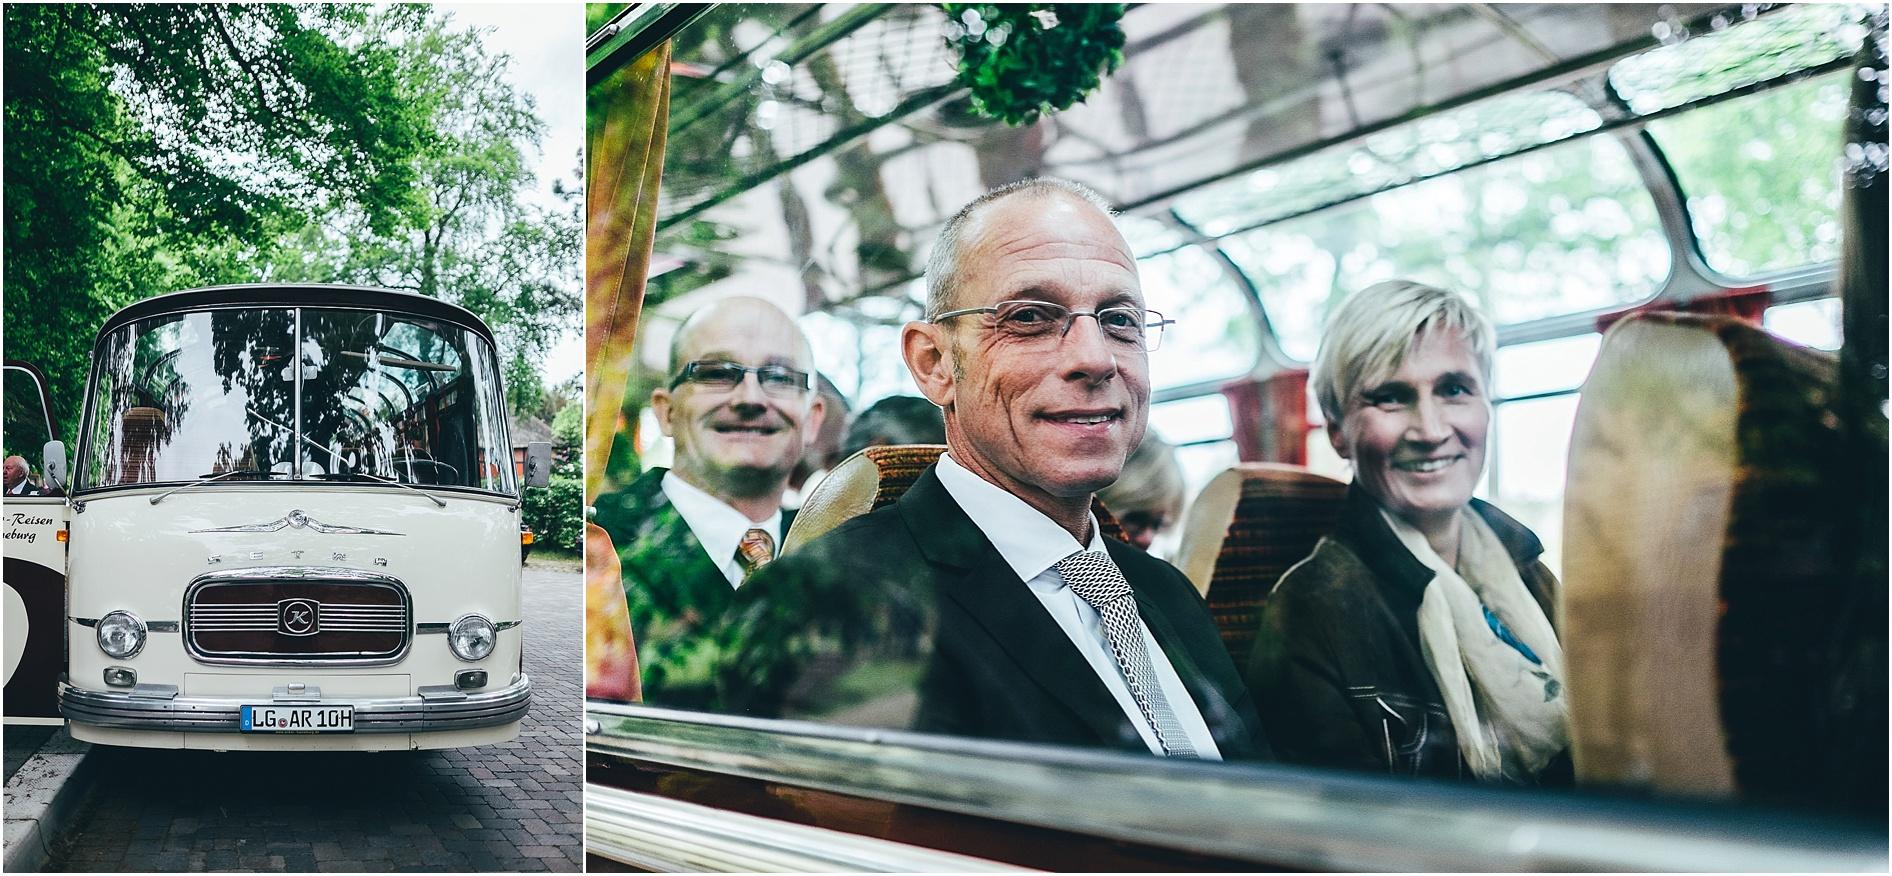 2015-10-27_0051 Tine & Chrischan - Hochzeitsfilm & Fotos in Lüneburg